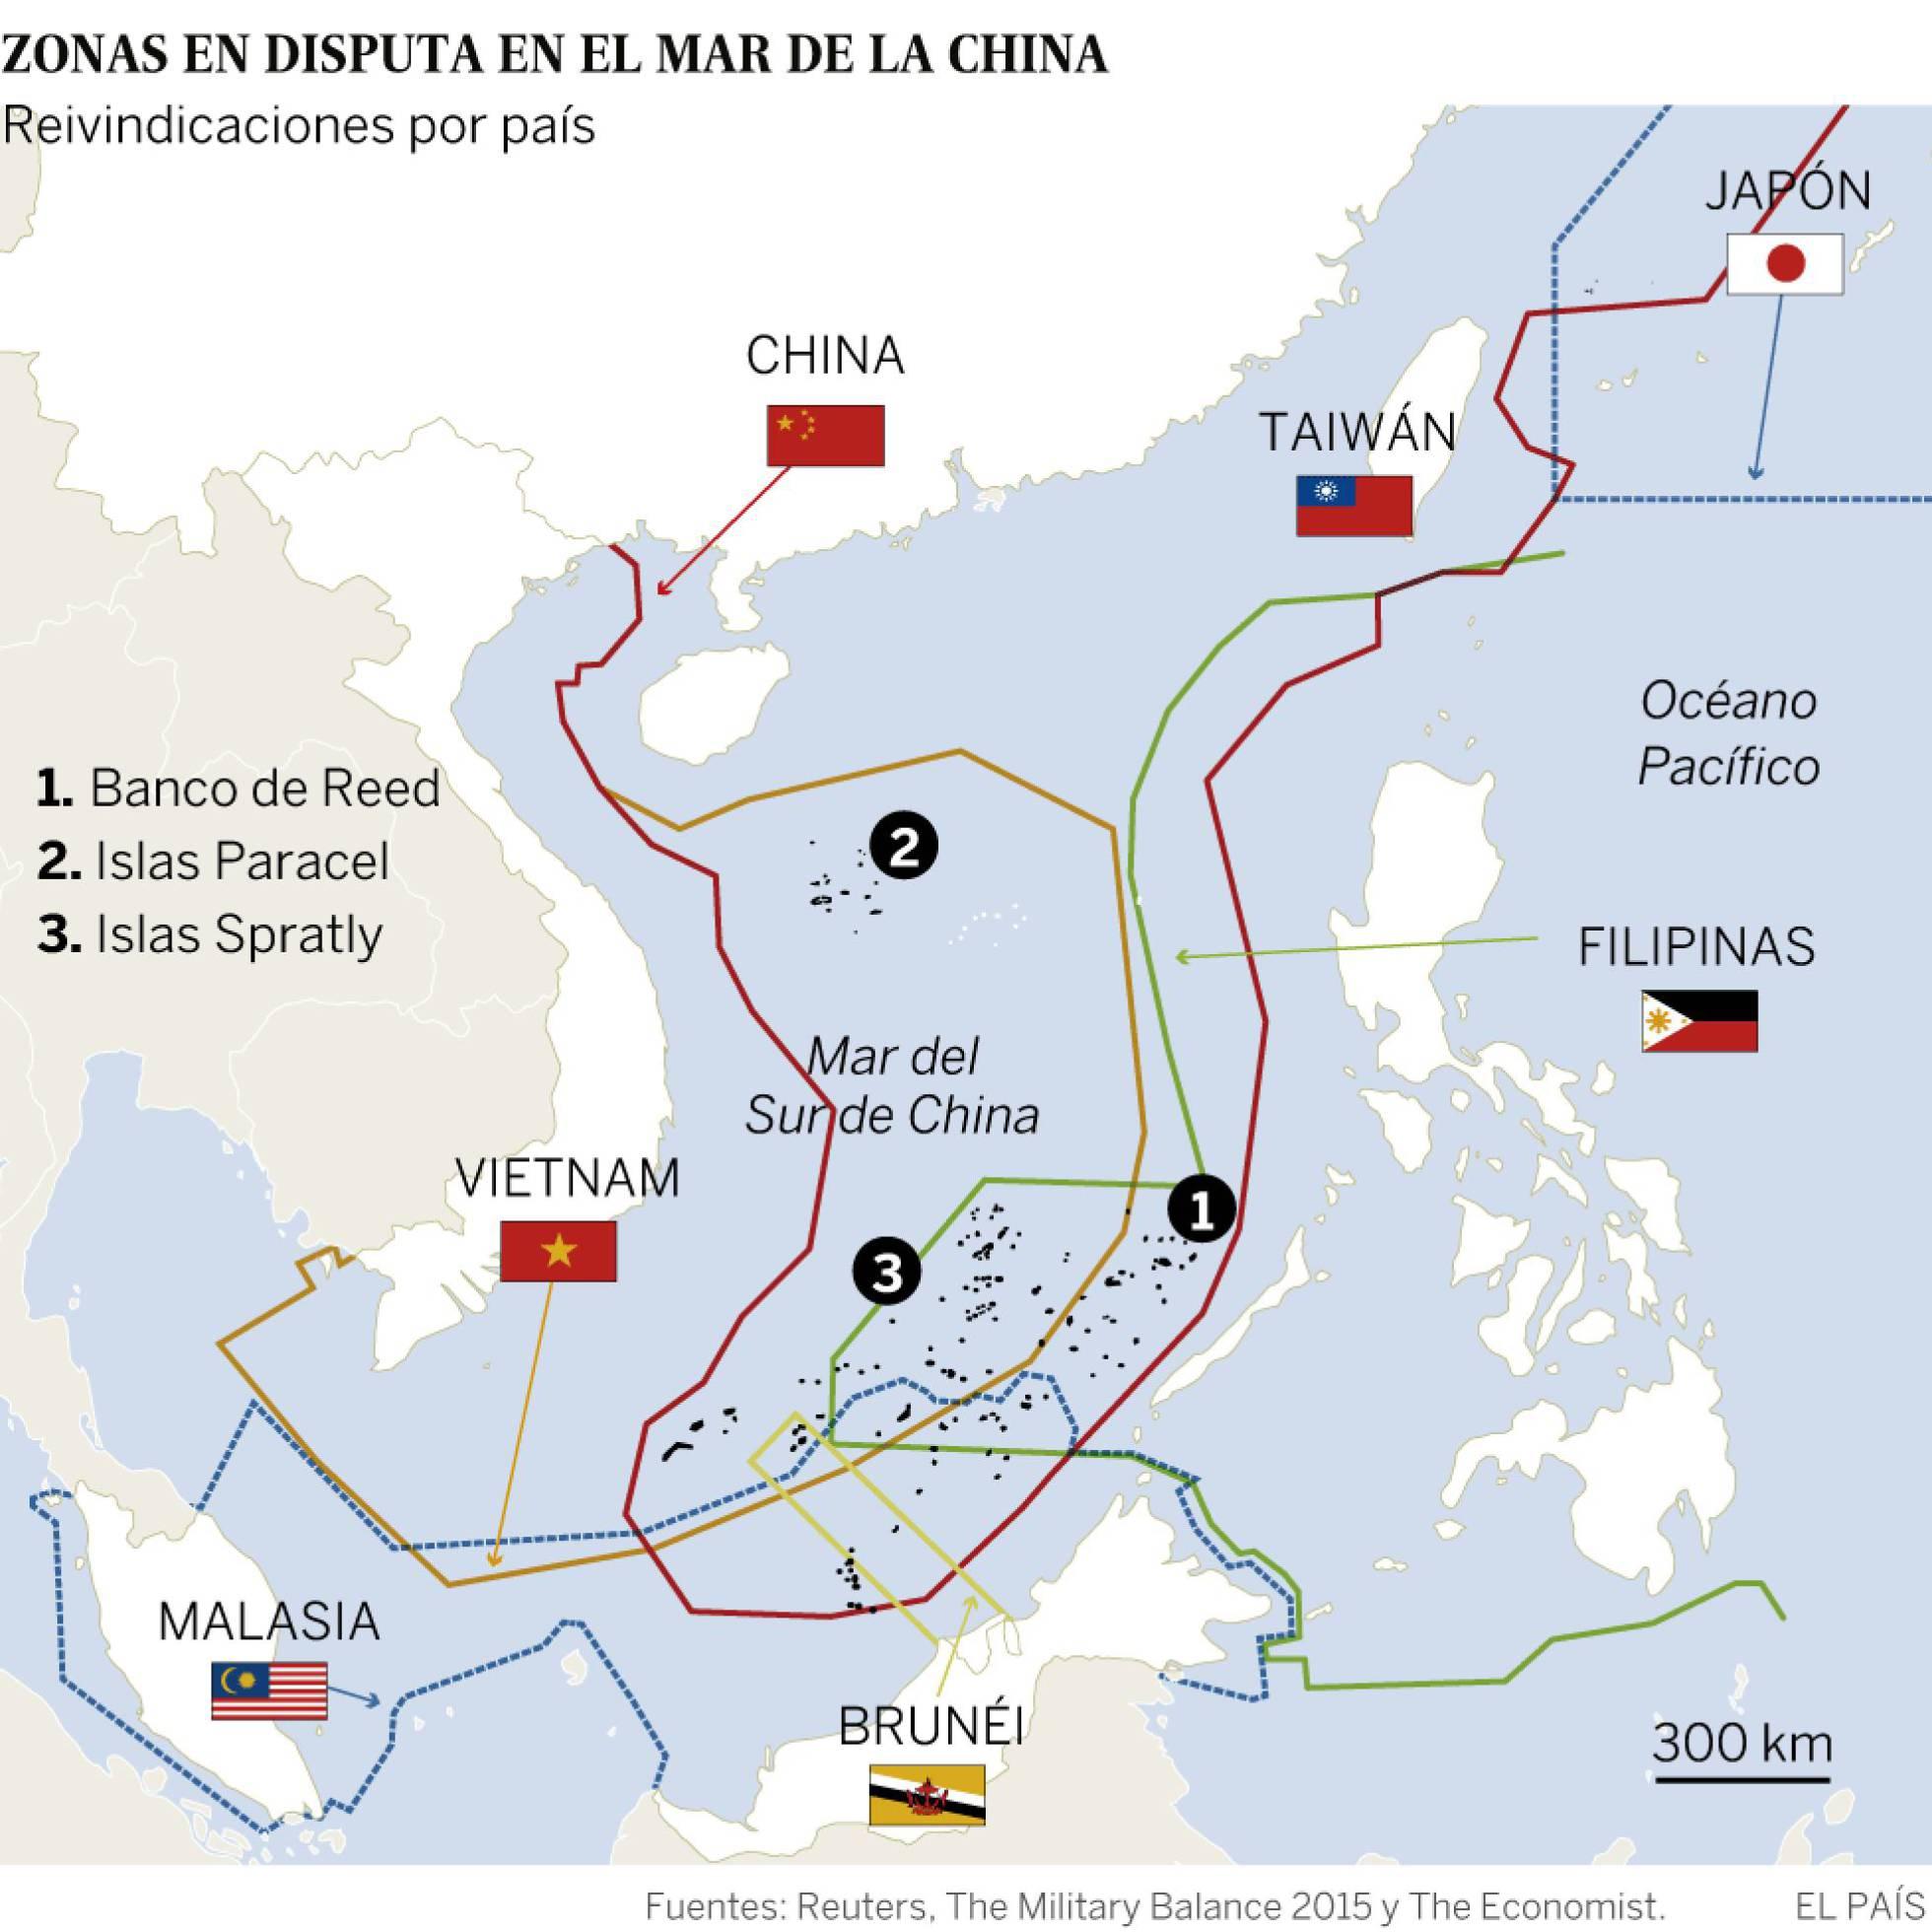 Islas en conflicto en Sudasia- Spratley,Paracel - conflictos, documentacion, acuerdos y articulos - Página 3 1495674532_375608_1495675358_sumario_normal_recorte1